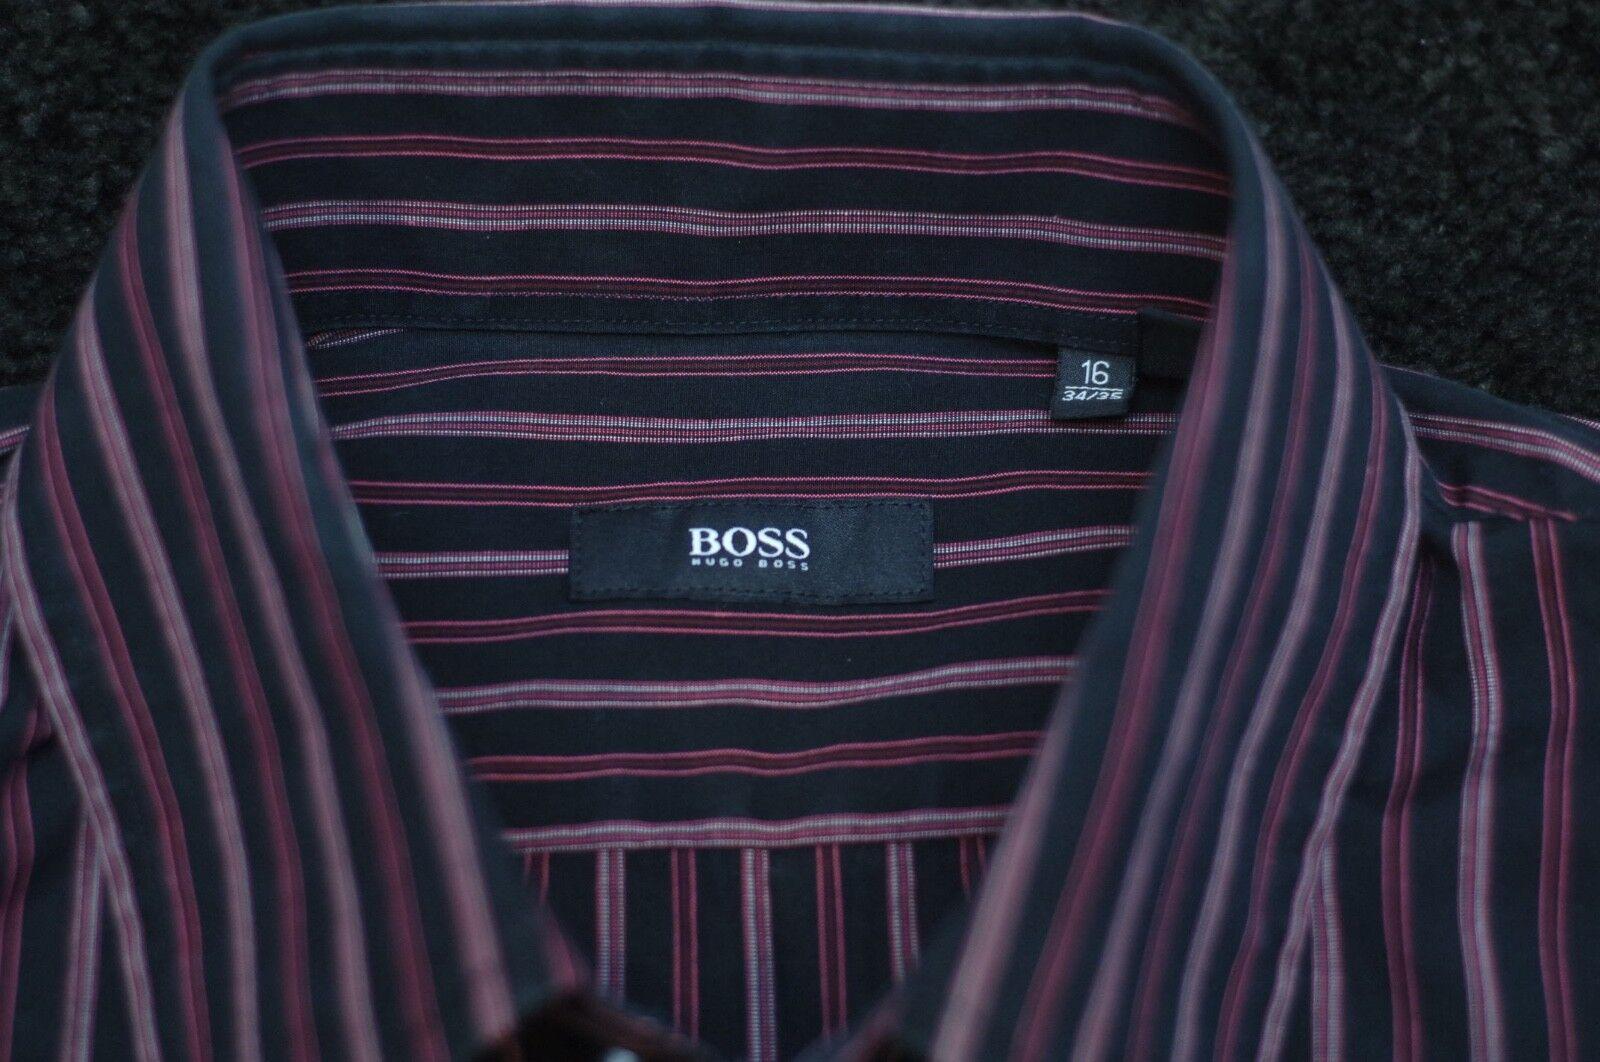 Hugo Boss Uomo Nero & rosa Striscia di Cotone Camicia Camicia Camicia 16 X b4e3aa